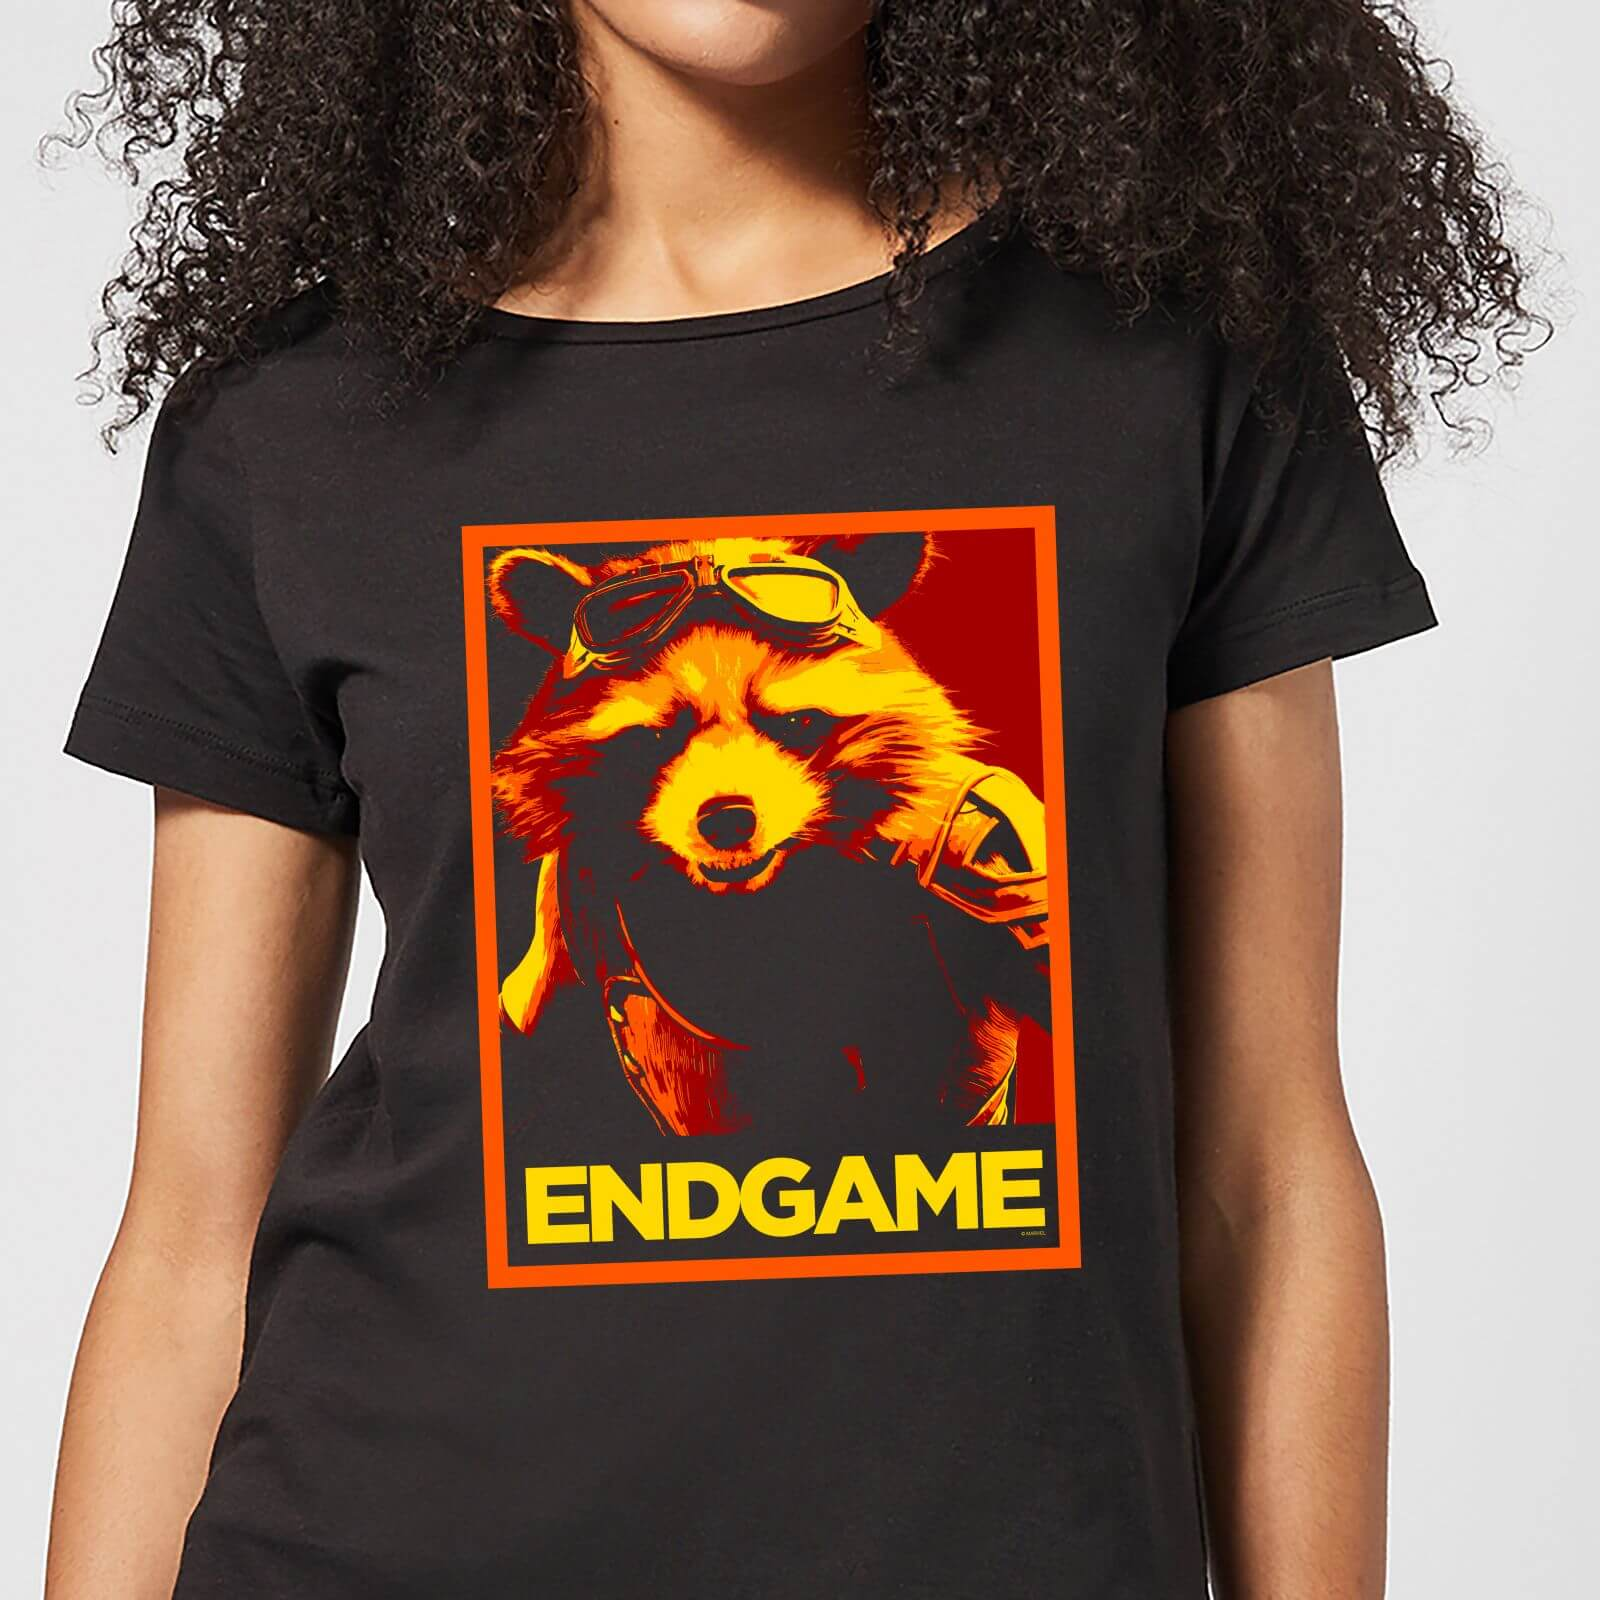 Marvel Avengers Endgame Rocket Poster Women's T-Shirt - Black - XL - Black